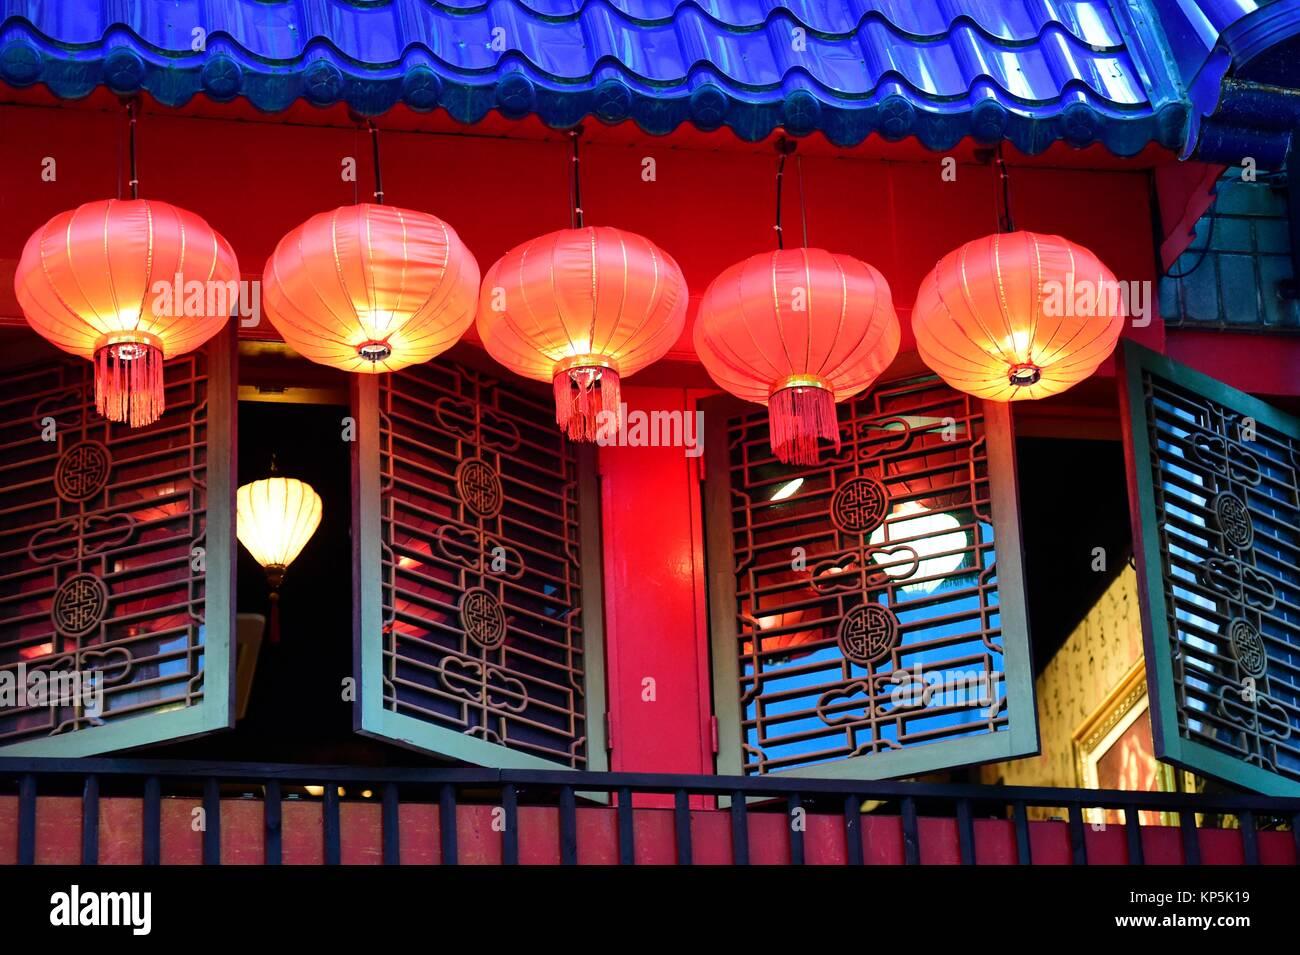 Chinesische Laternen in einer Straße von Jeju hängend, Jeju Island, South Korea. Stockbild